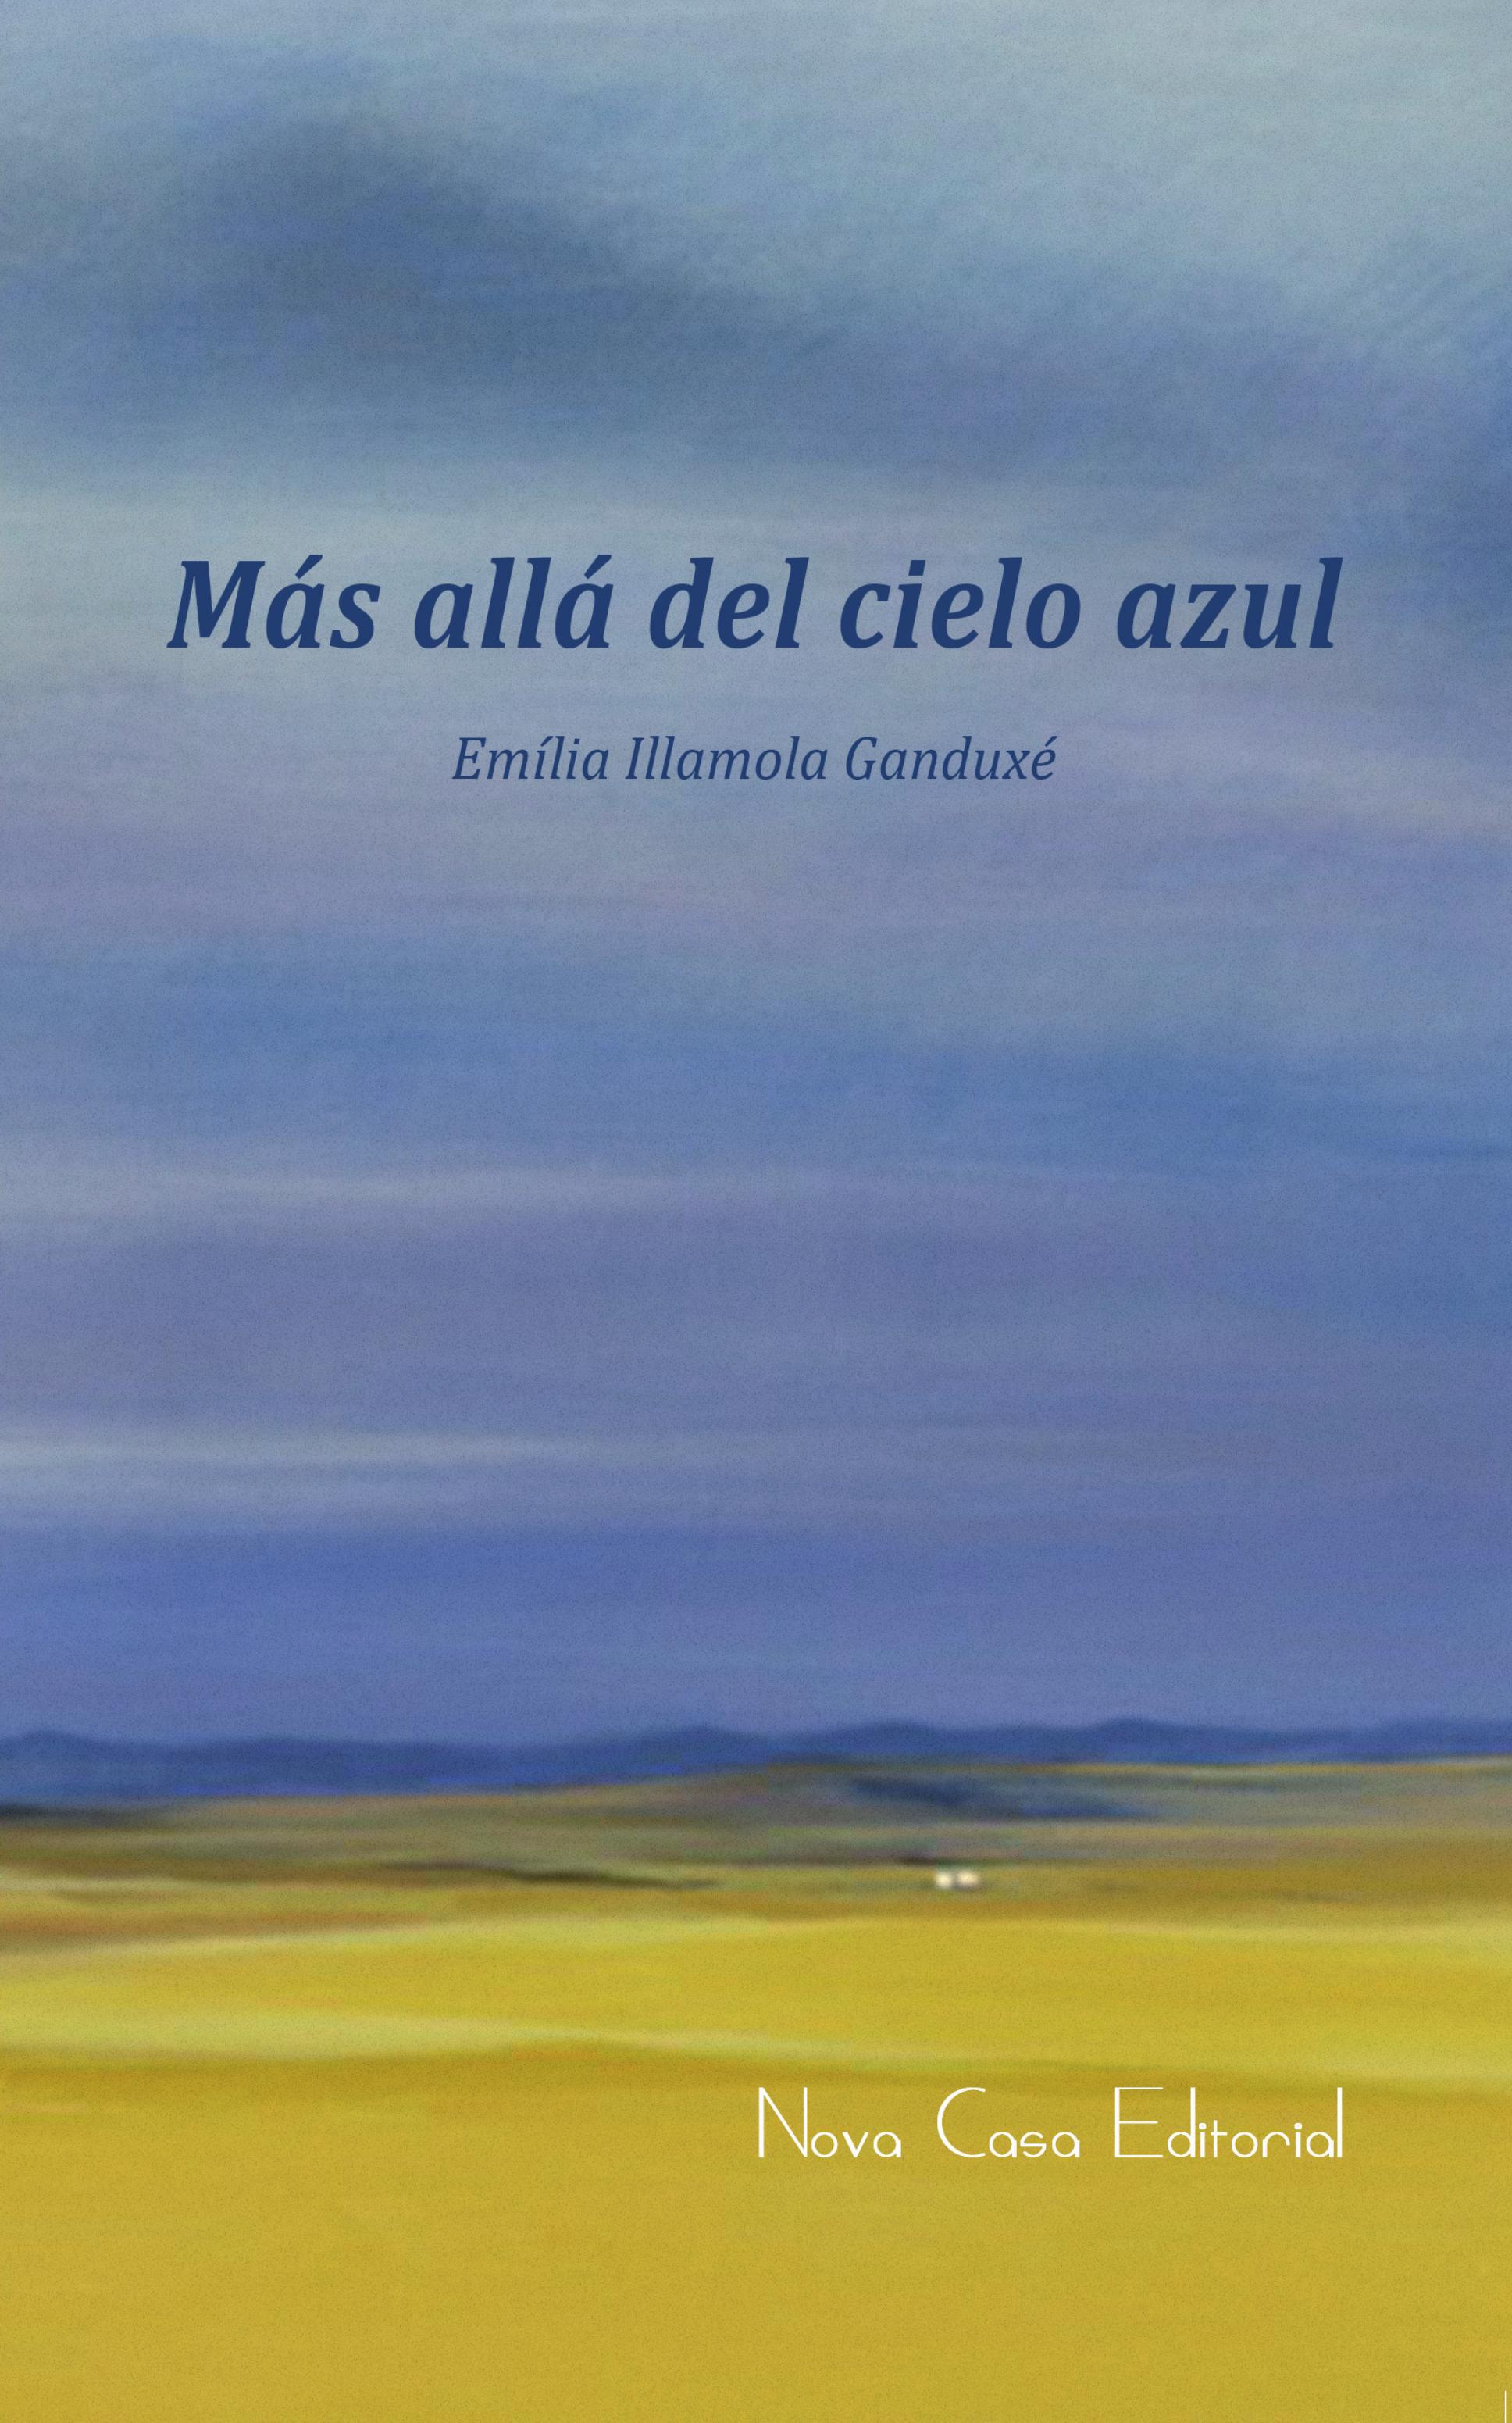 Emília Illamola Ganduxé Más allá del cielo azul diana palmer más allá del odio